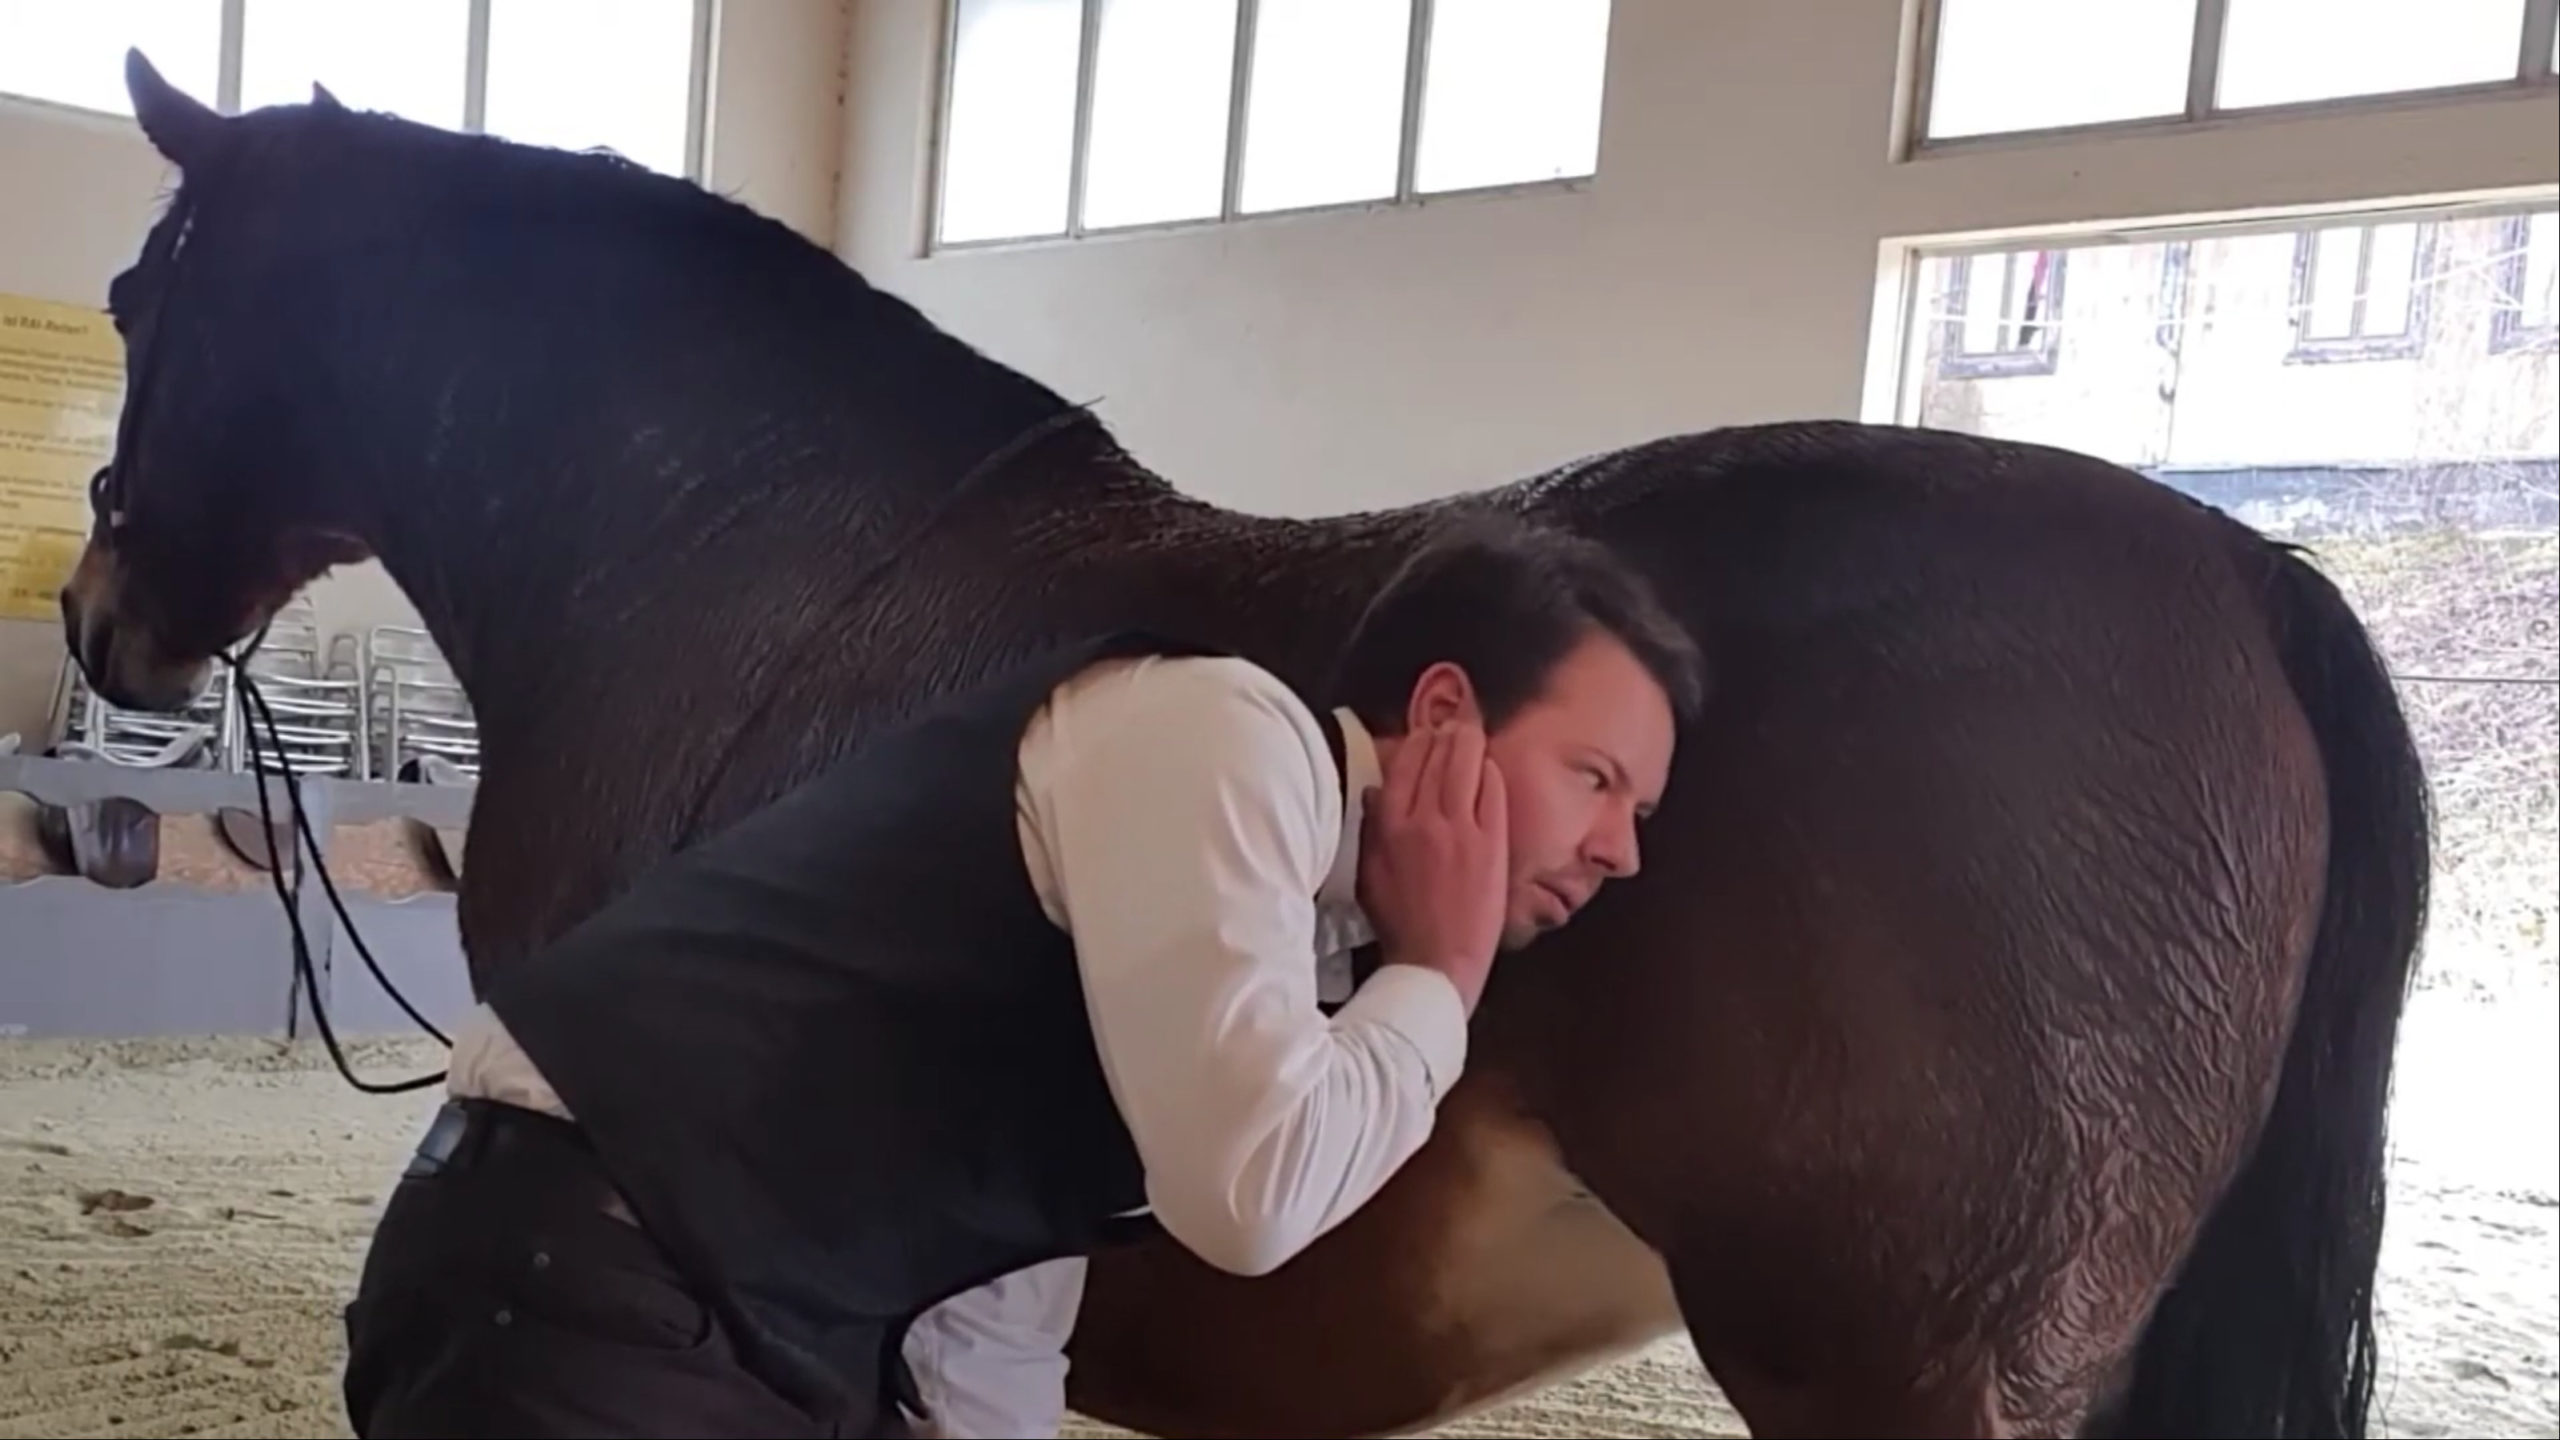 Darmgeräusche Pferd